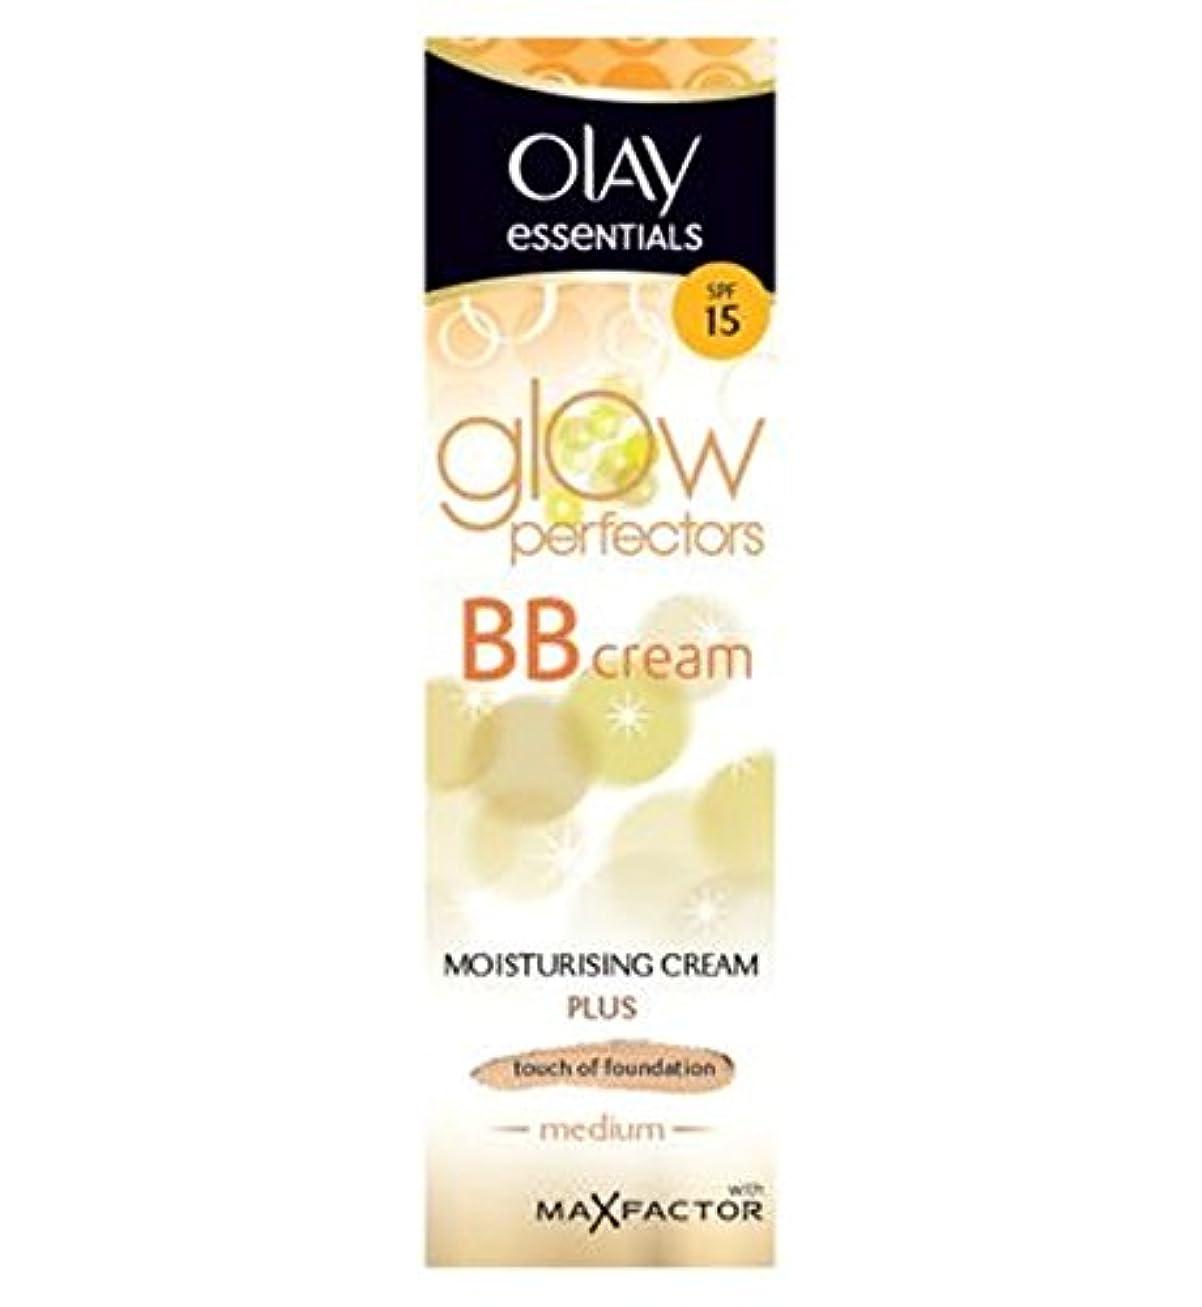 松の木困難導出Olay Complete BB Cream SPF15 Skin Perfecting Tinted Moisturiser 50ml - Medium - 着色保湿50ミリリットルを完成オーレイ完全なBbクリームSpf15...